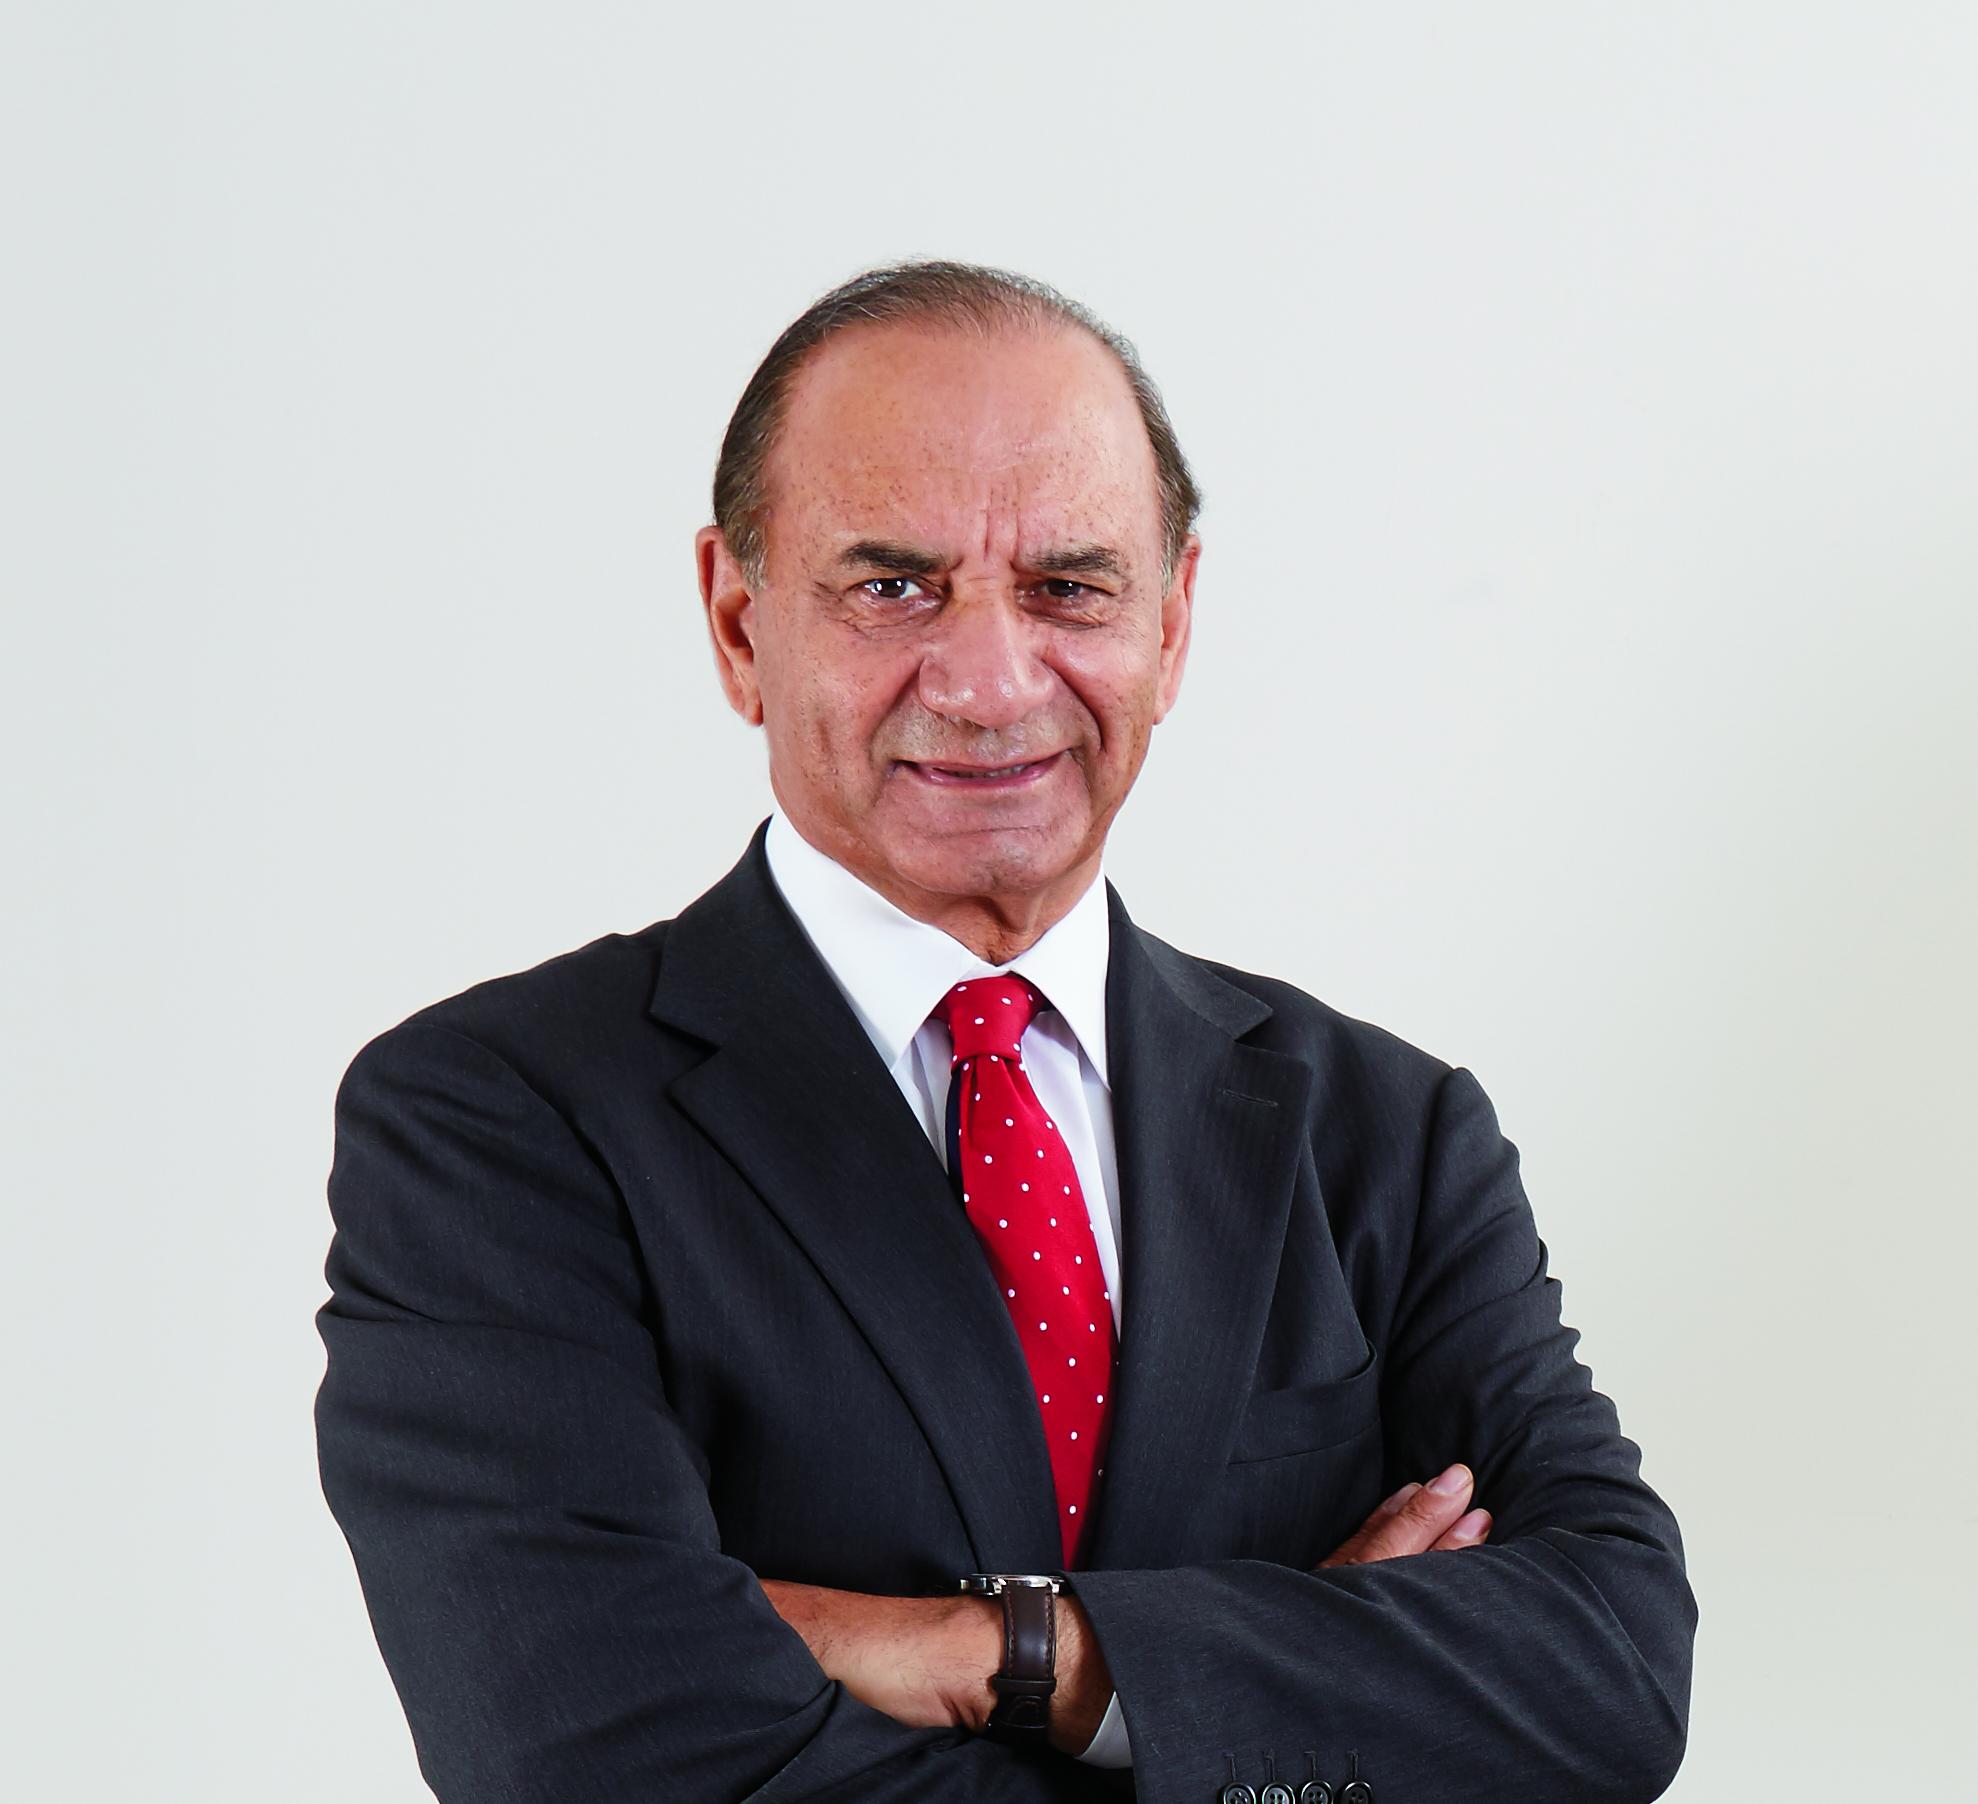 Farooq Kathwari